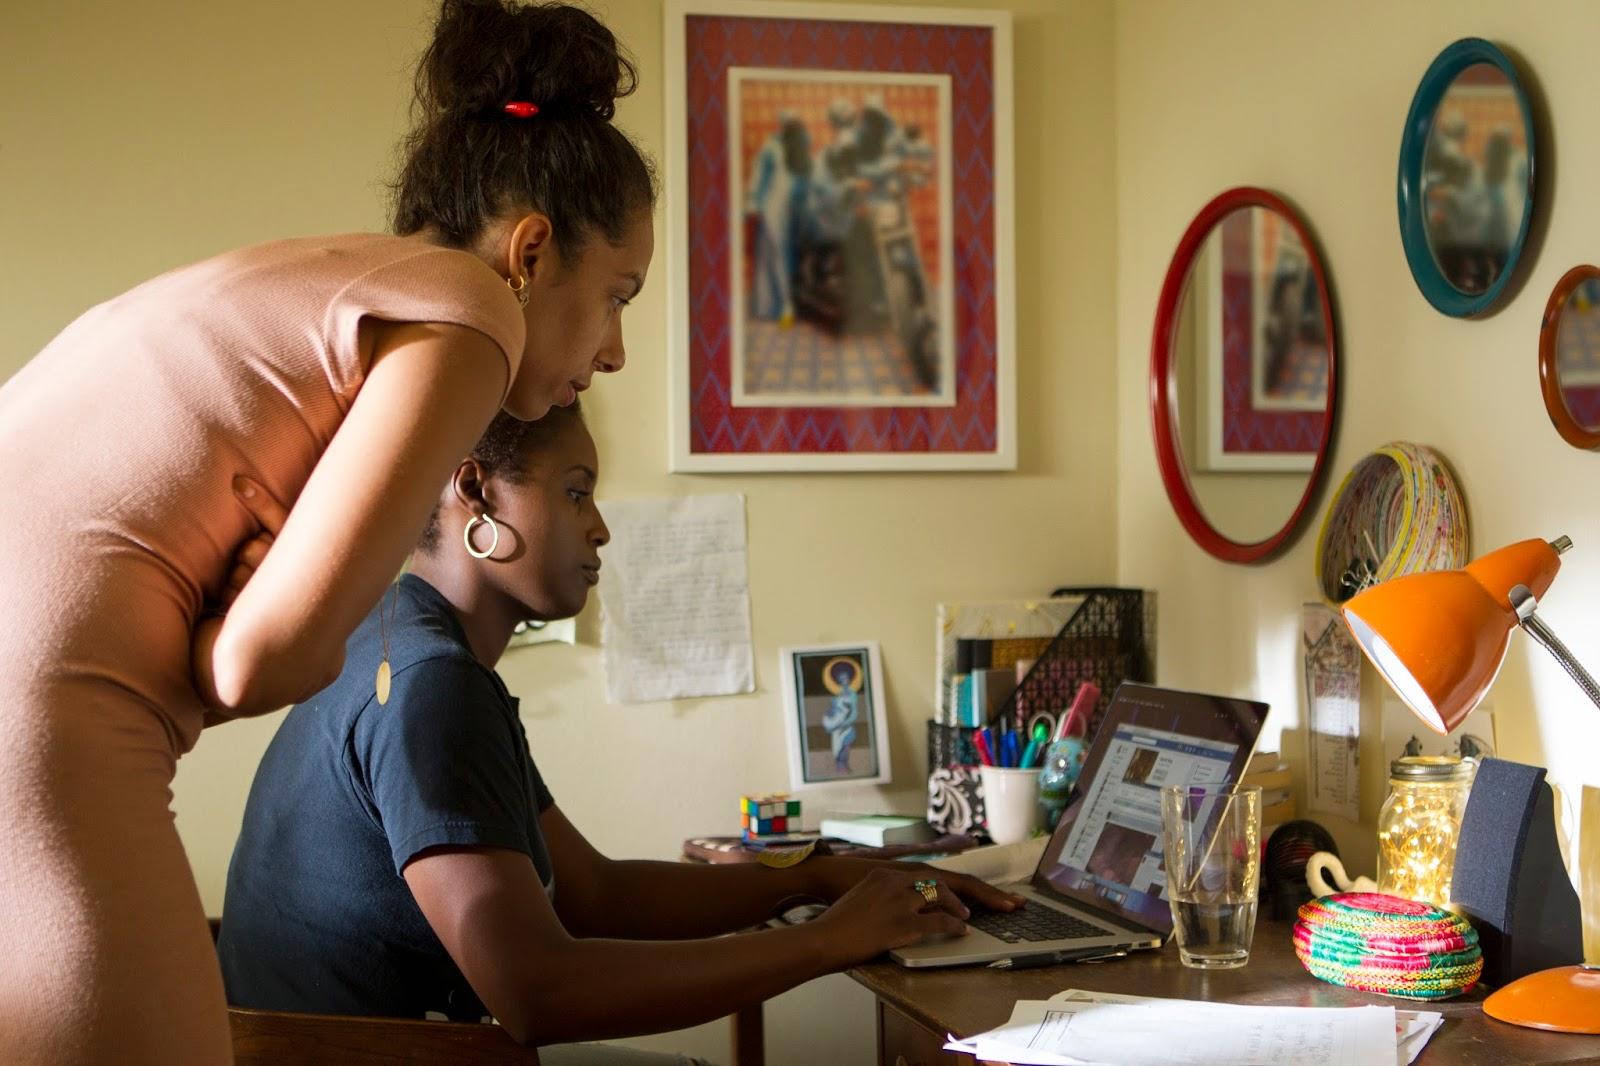 Matrimonio Tema Serie Tv : Racismo y matrimonio los temas centrales en las nuevas